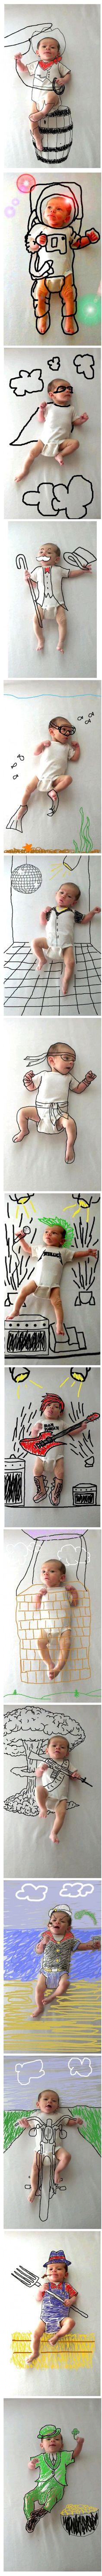 Las aventuras de un recién nacido por Amber Wheeler.